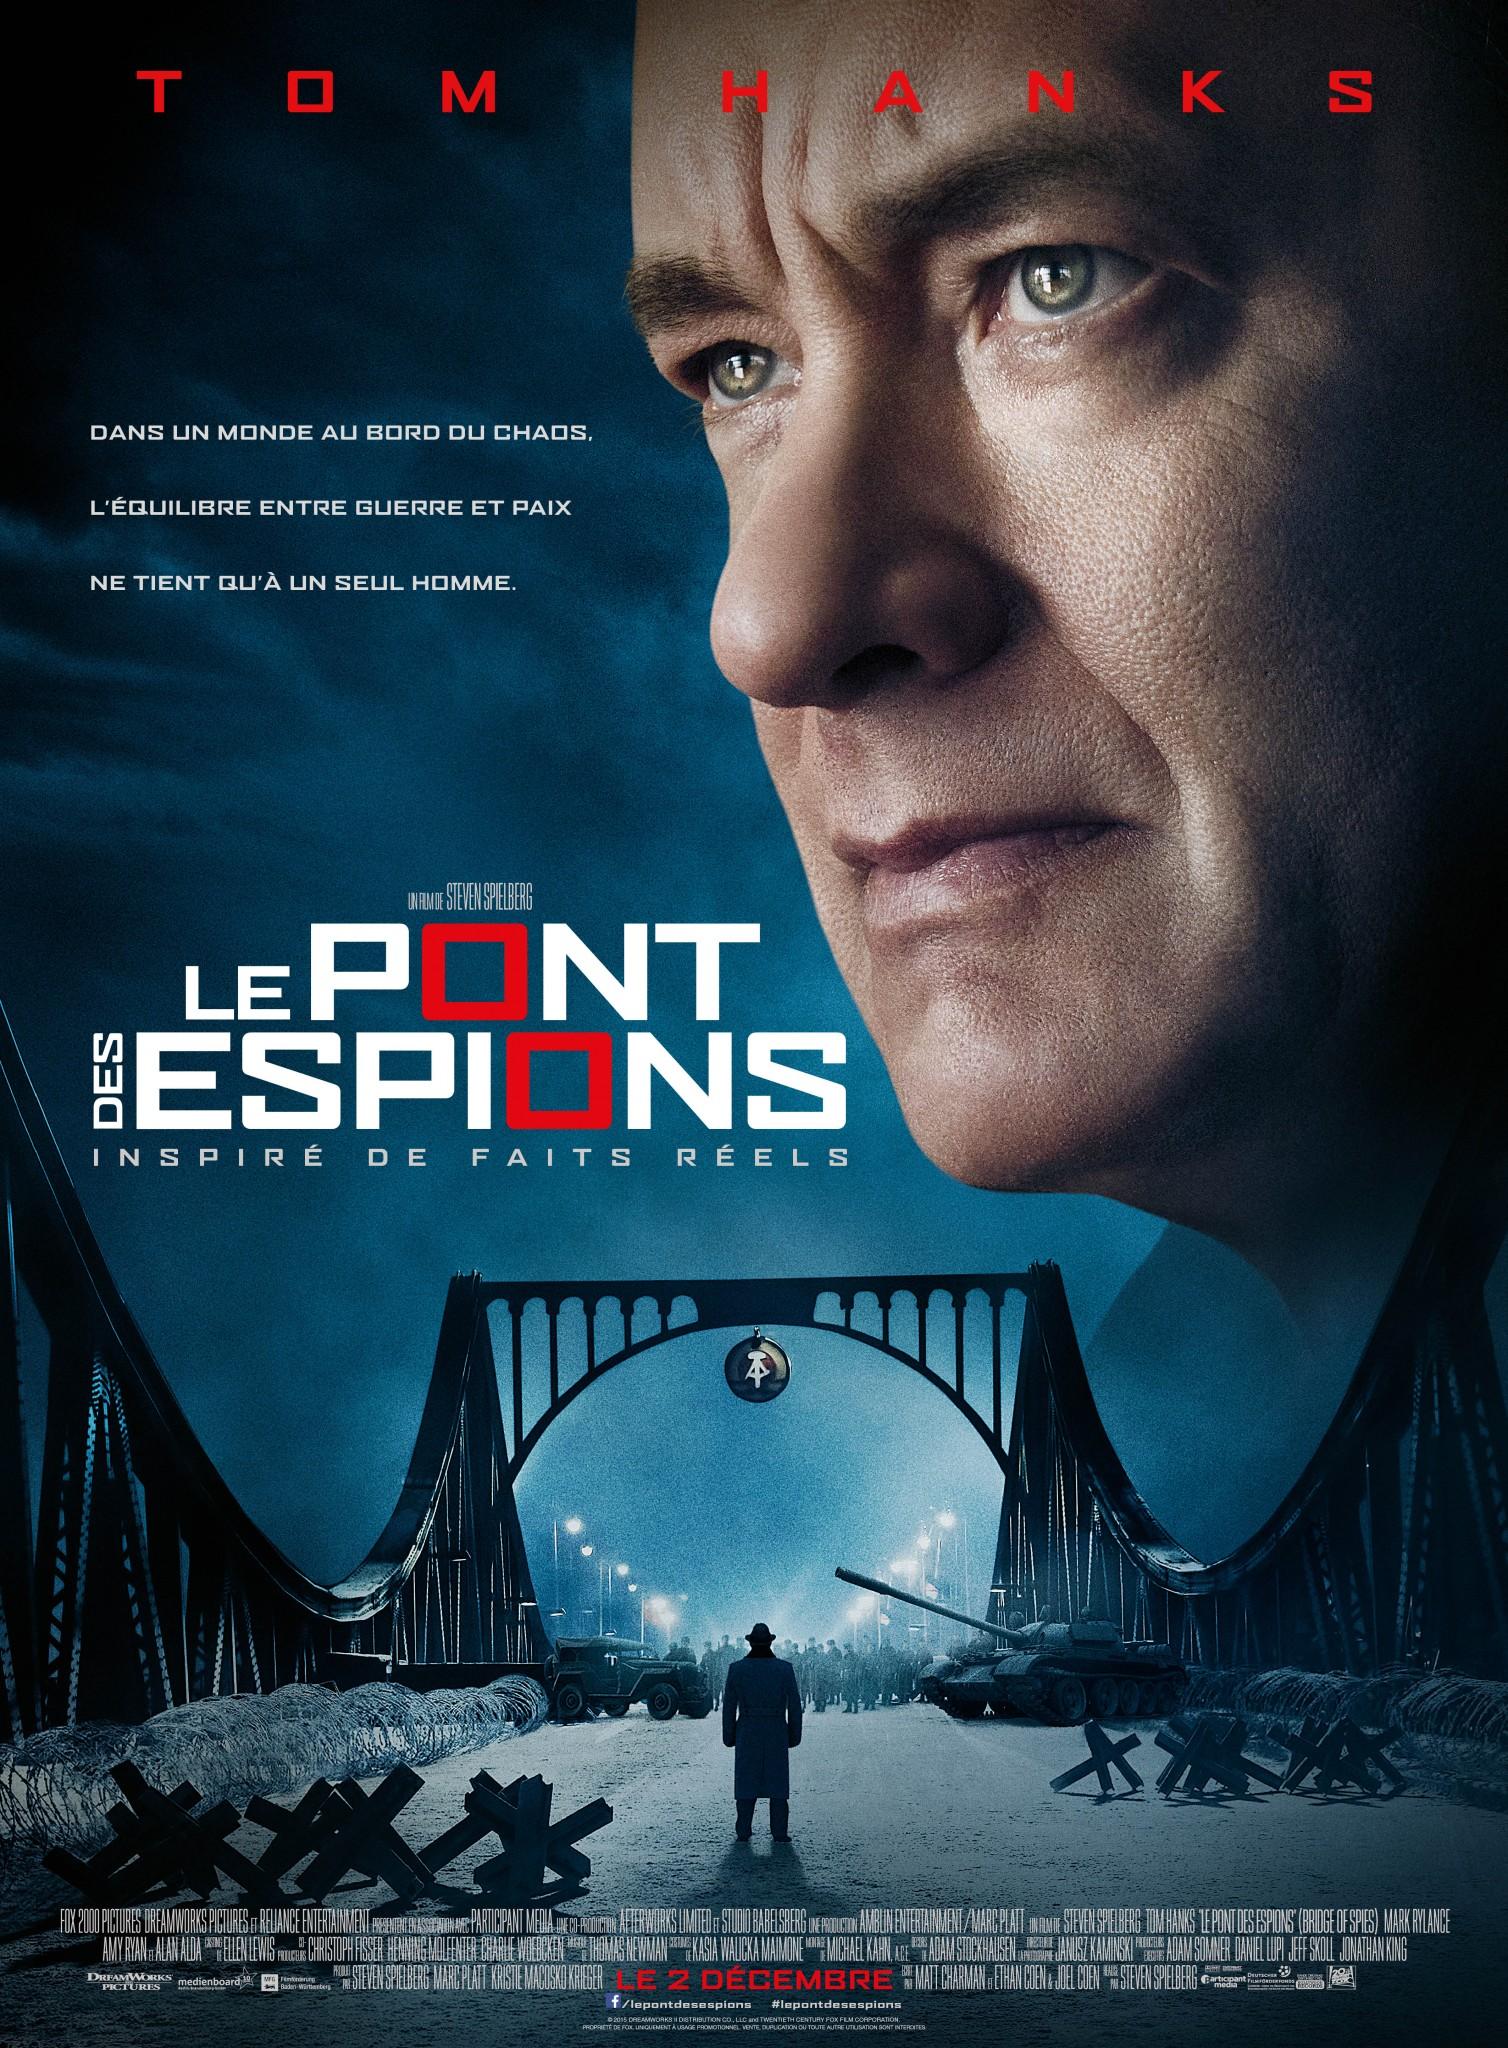 Le-Pont-des-Espions-affiche